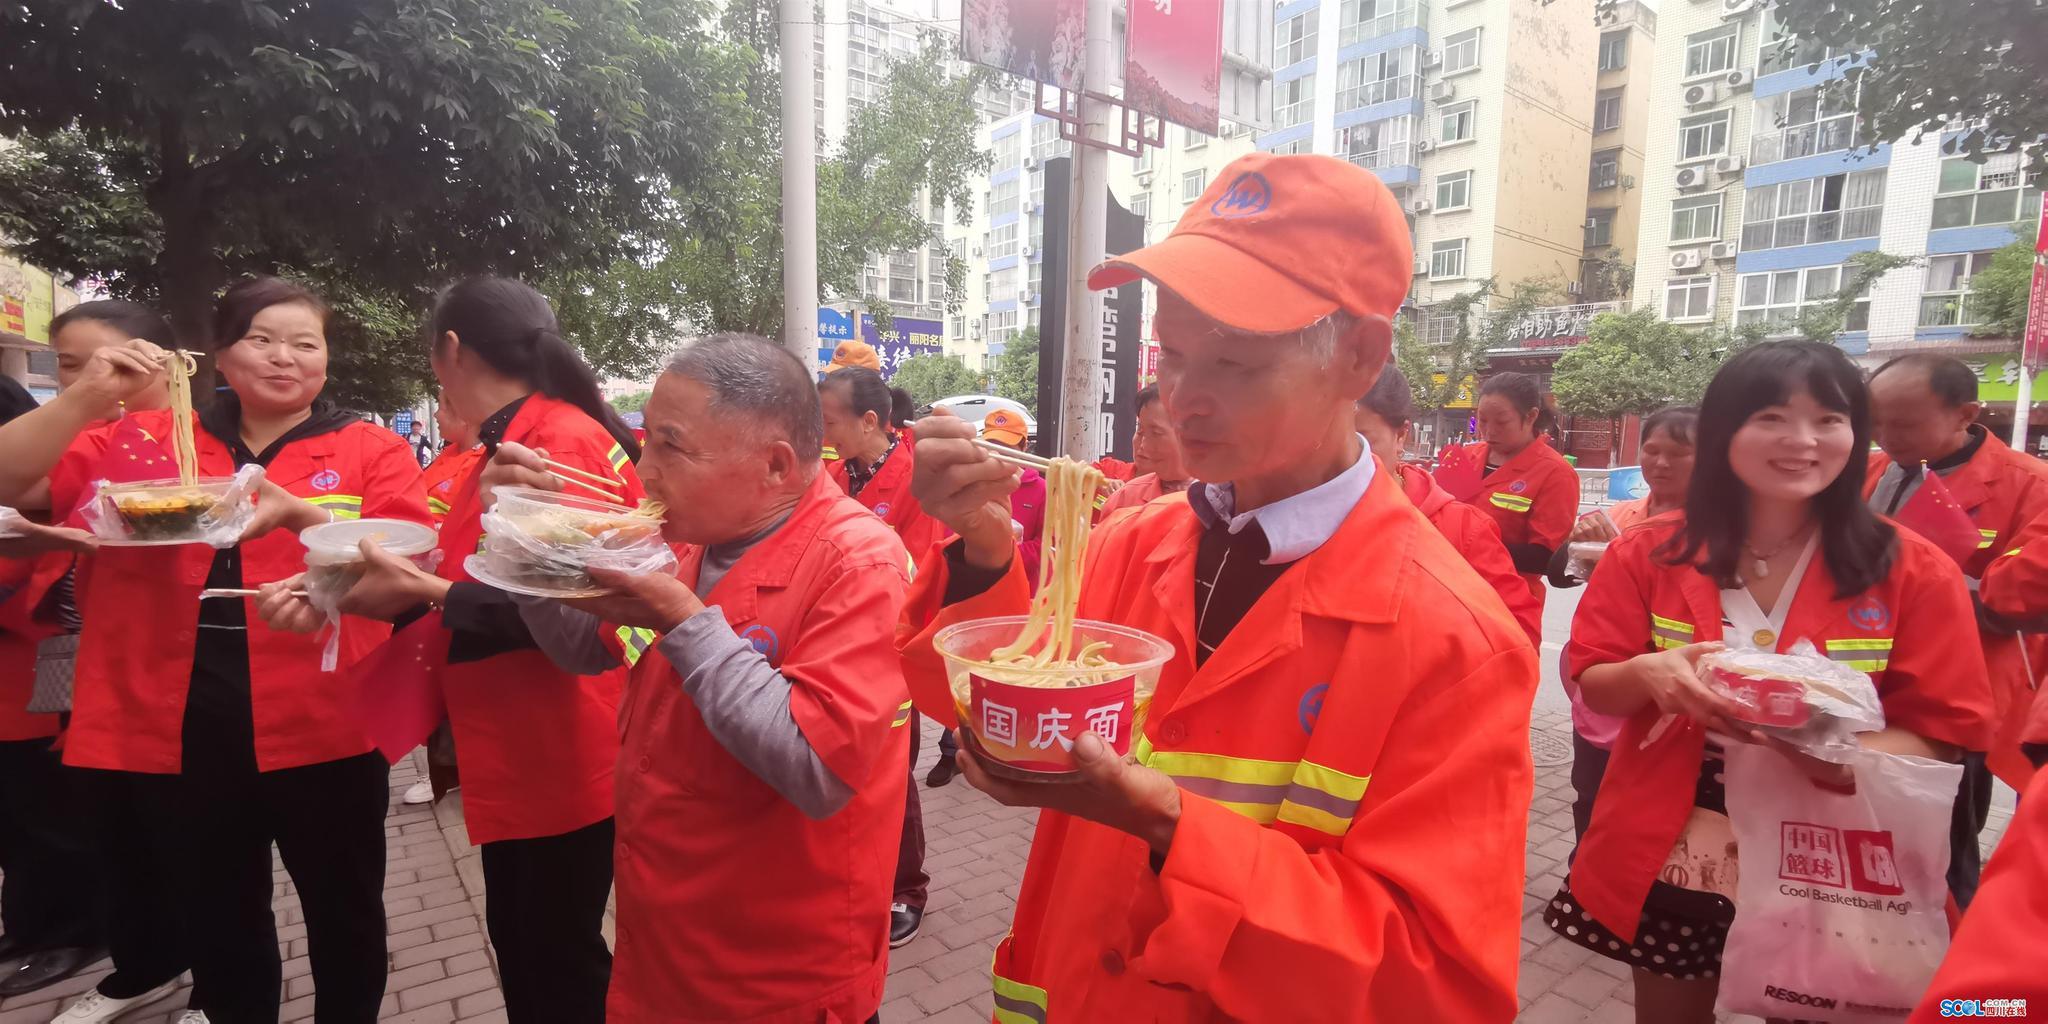 国庆吃面 国泰民安|巴中市总工会请一线工人吃小面庆国庆